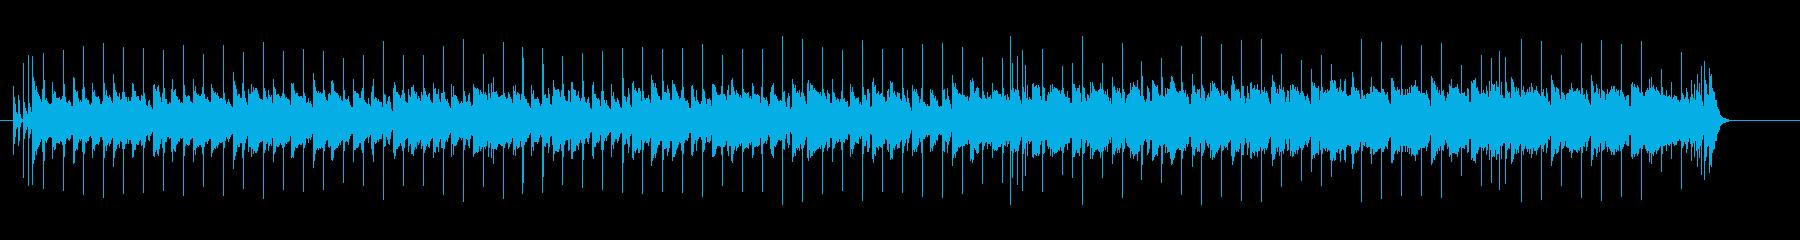 穏やかに盛り上がるミディアム・ポップスの再生済みの波形